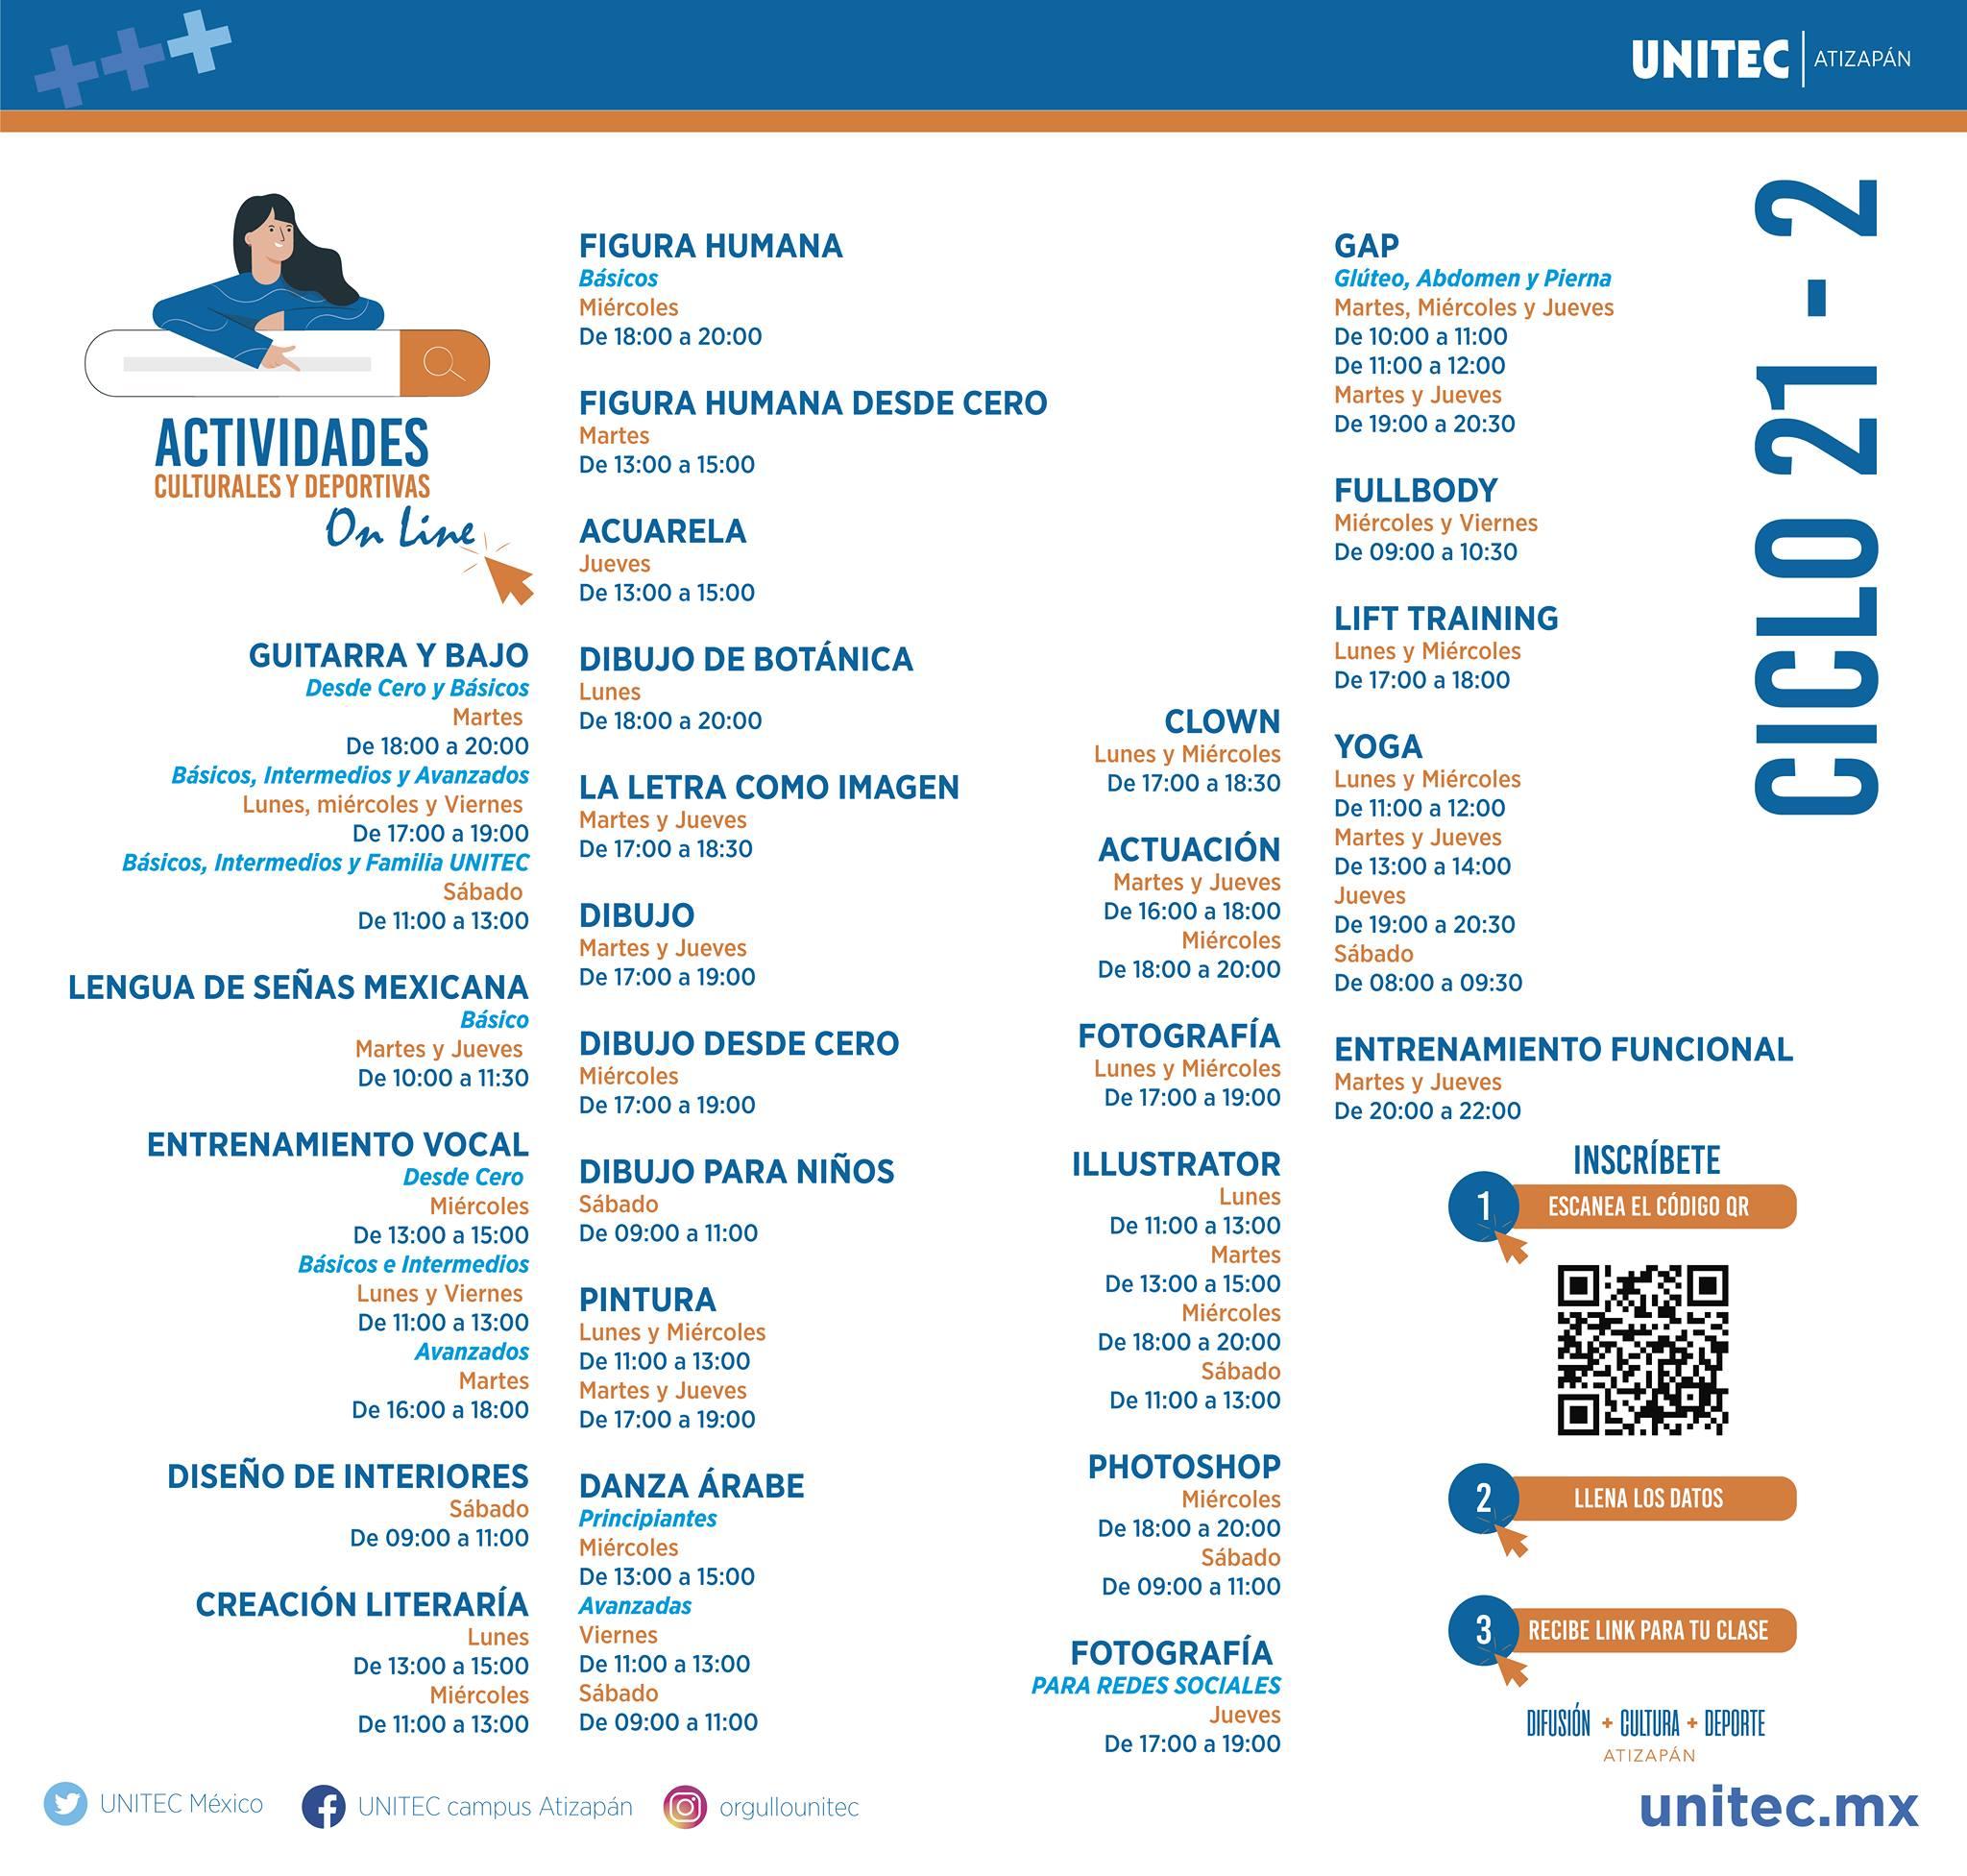 Horarios de Cultura y Deportes UNITEC Campus Atizapán